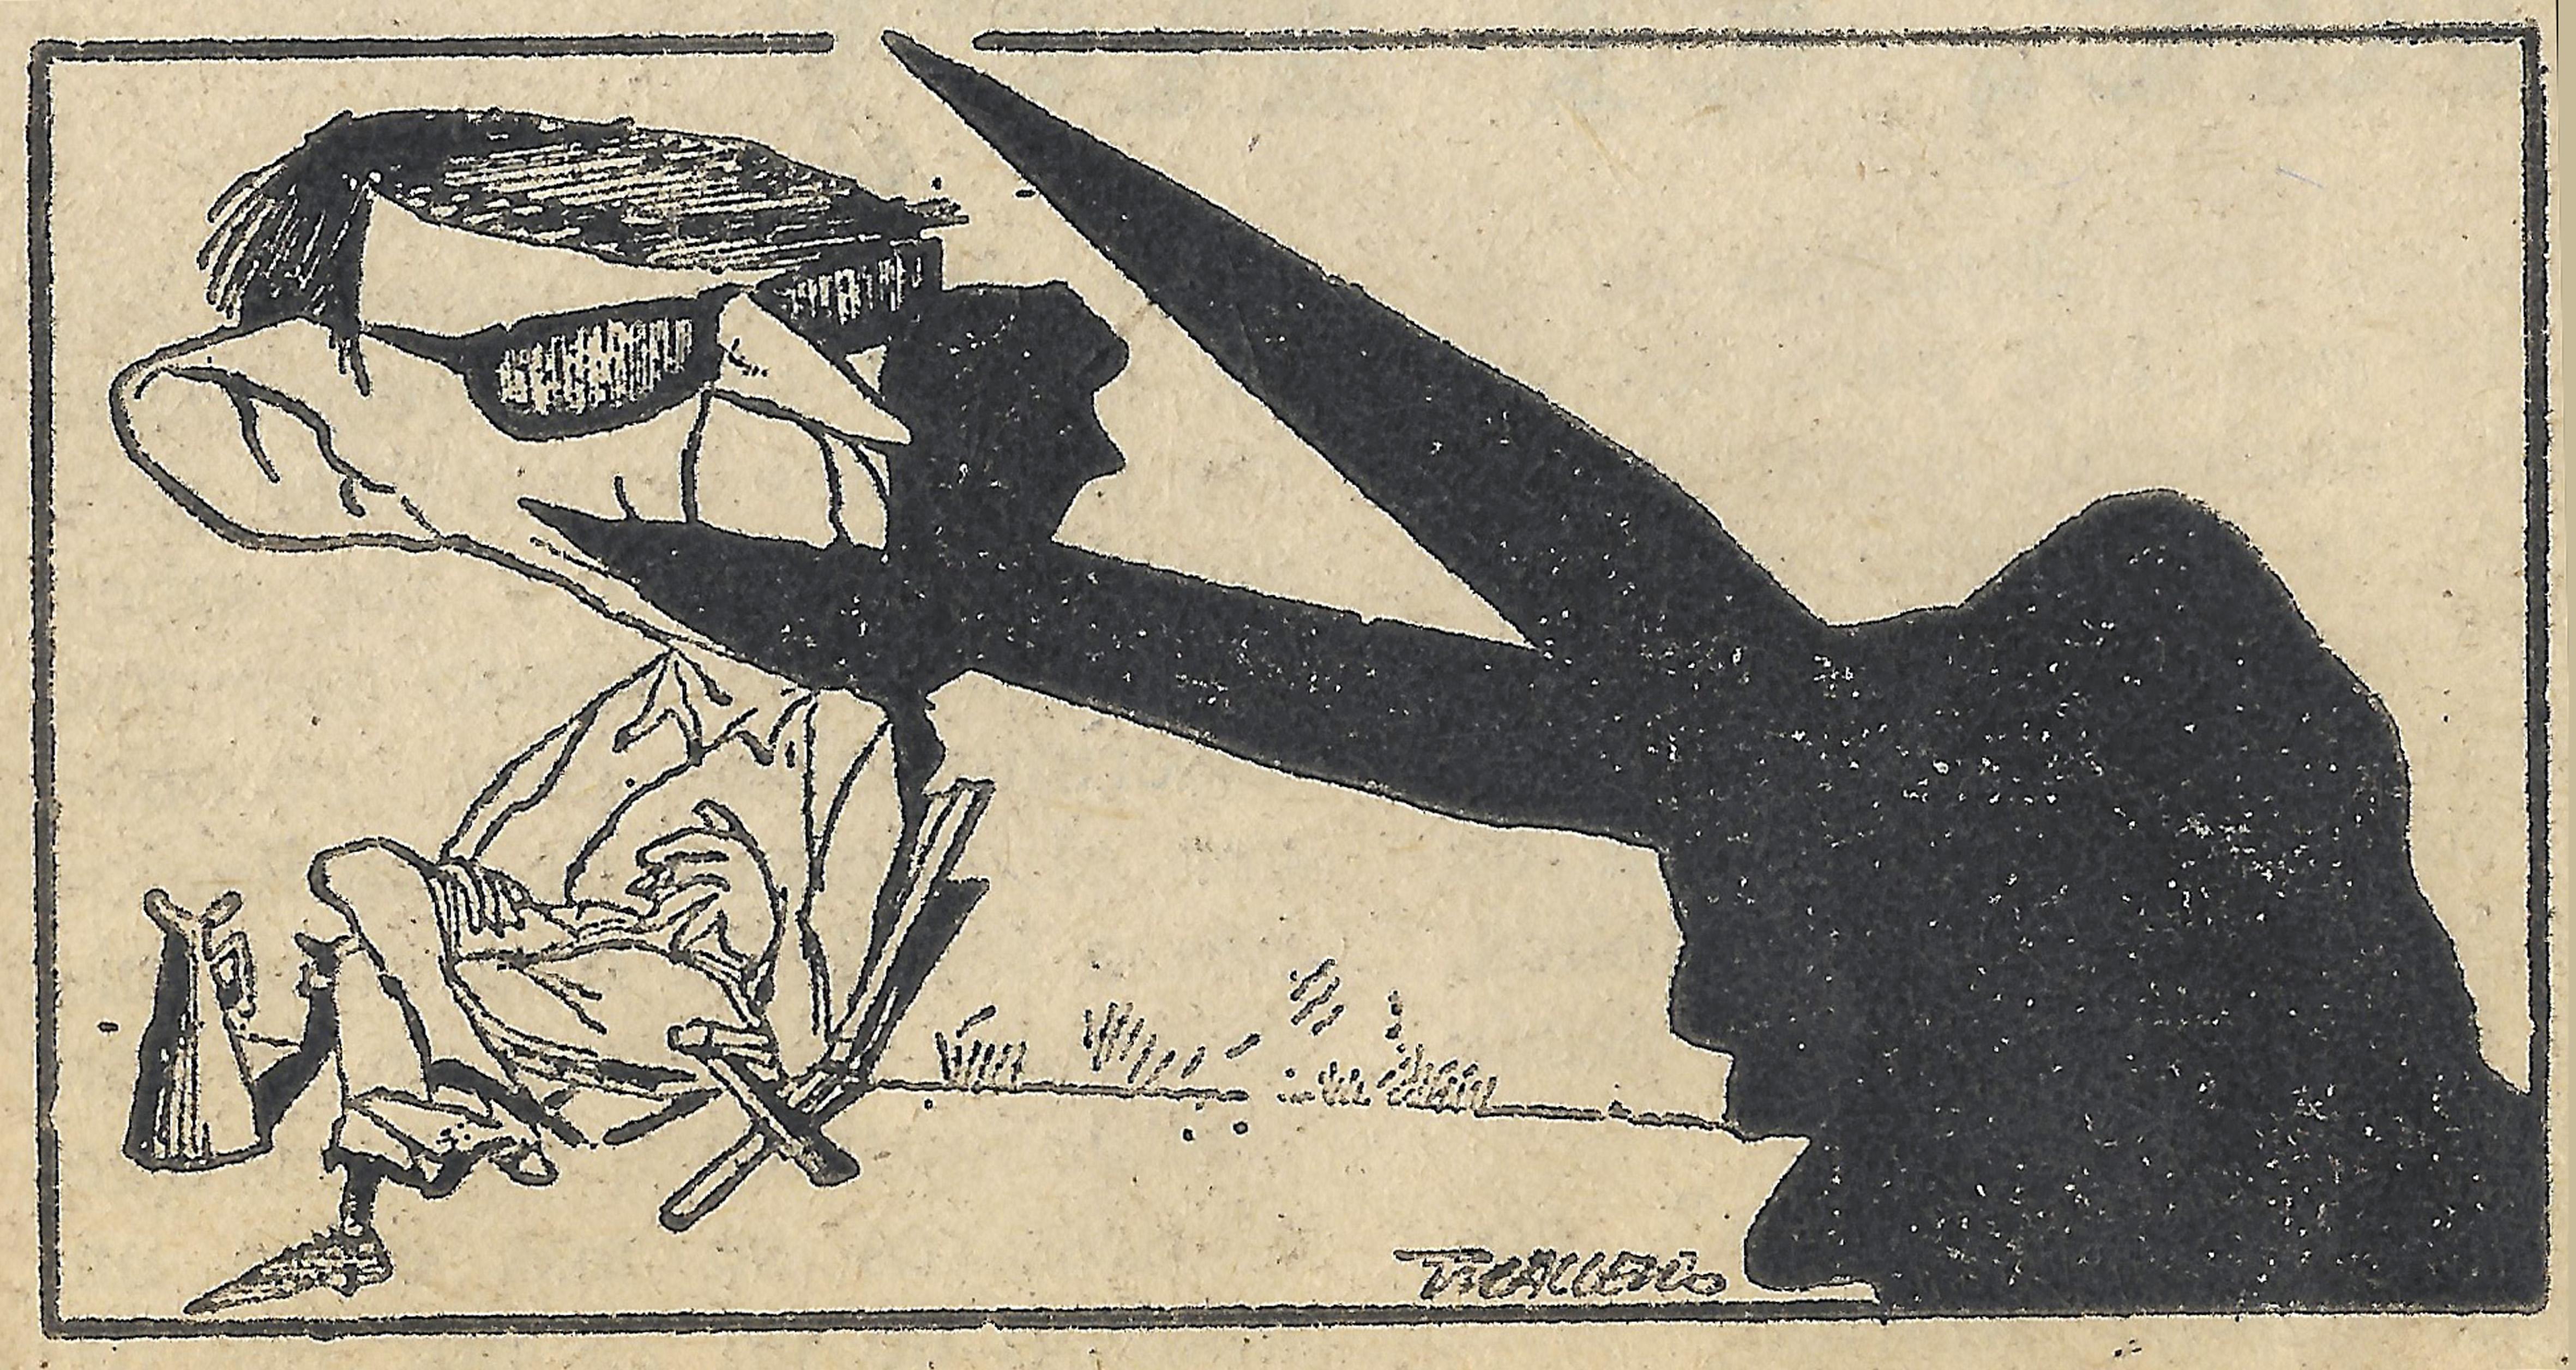 La censura atenaza a Basilio Martín Patino. Diario 16 1 noviembre 1976_